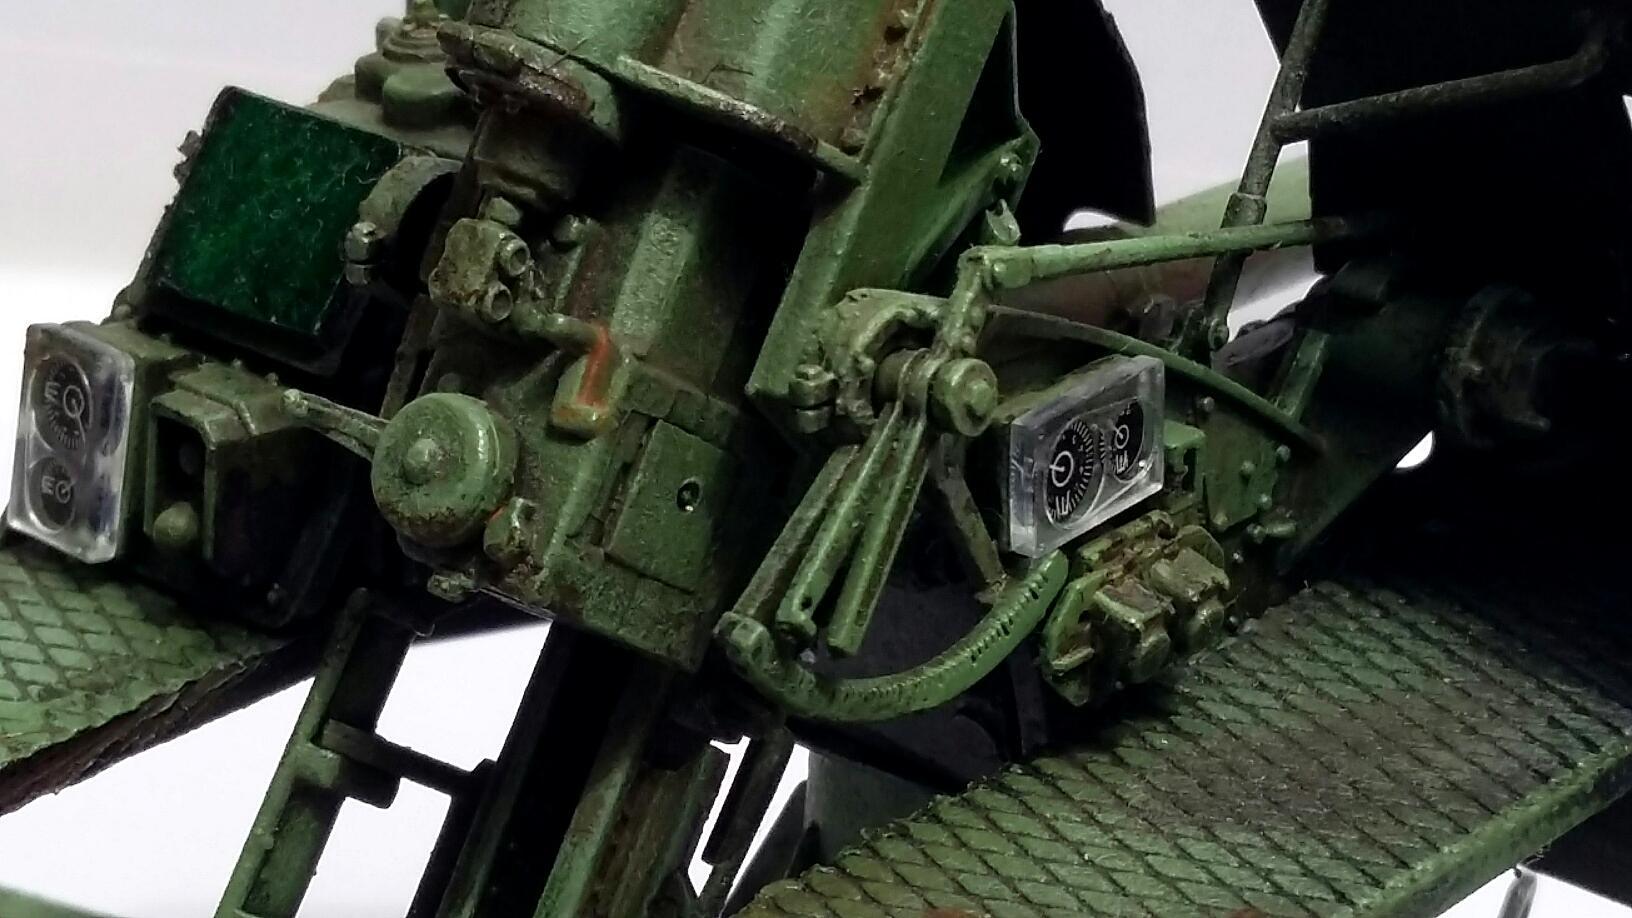 Artillery, Basilisk, Imperial Guard, Platform